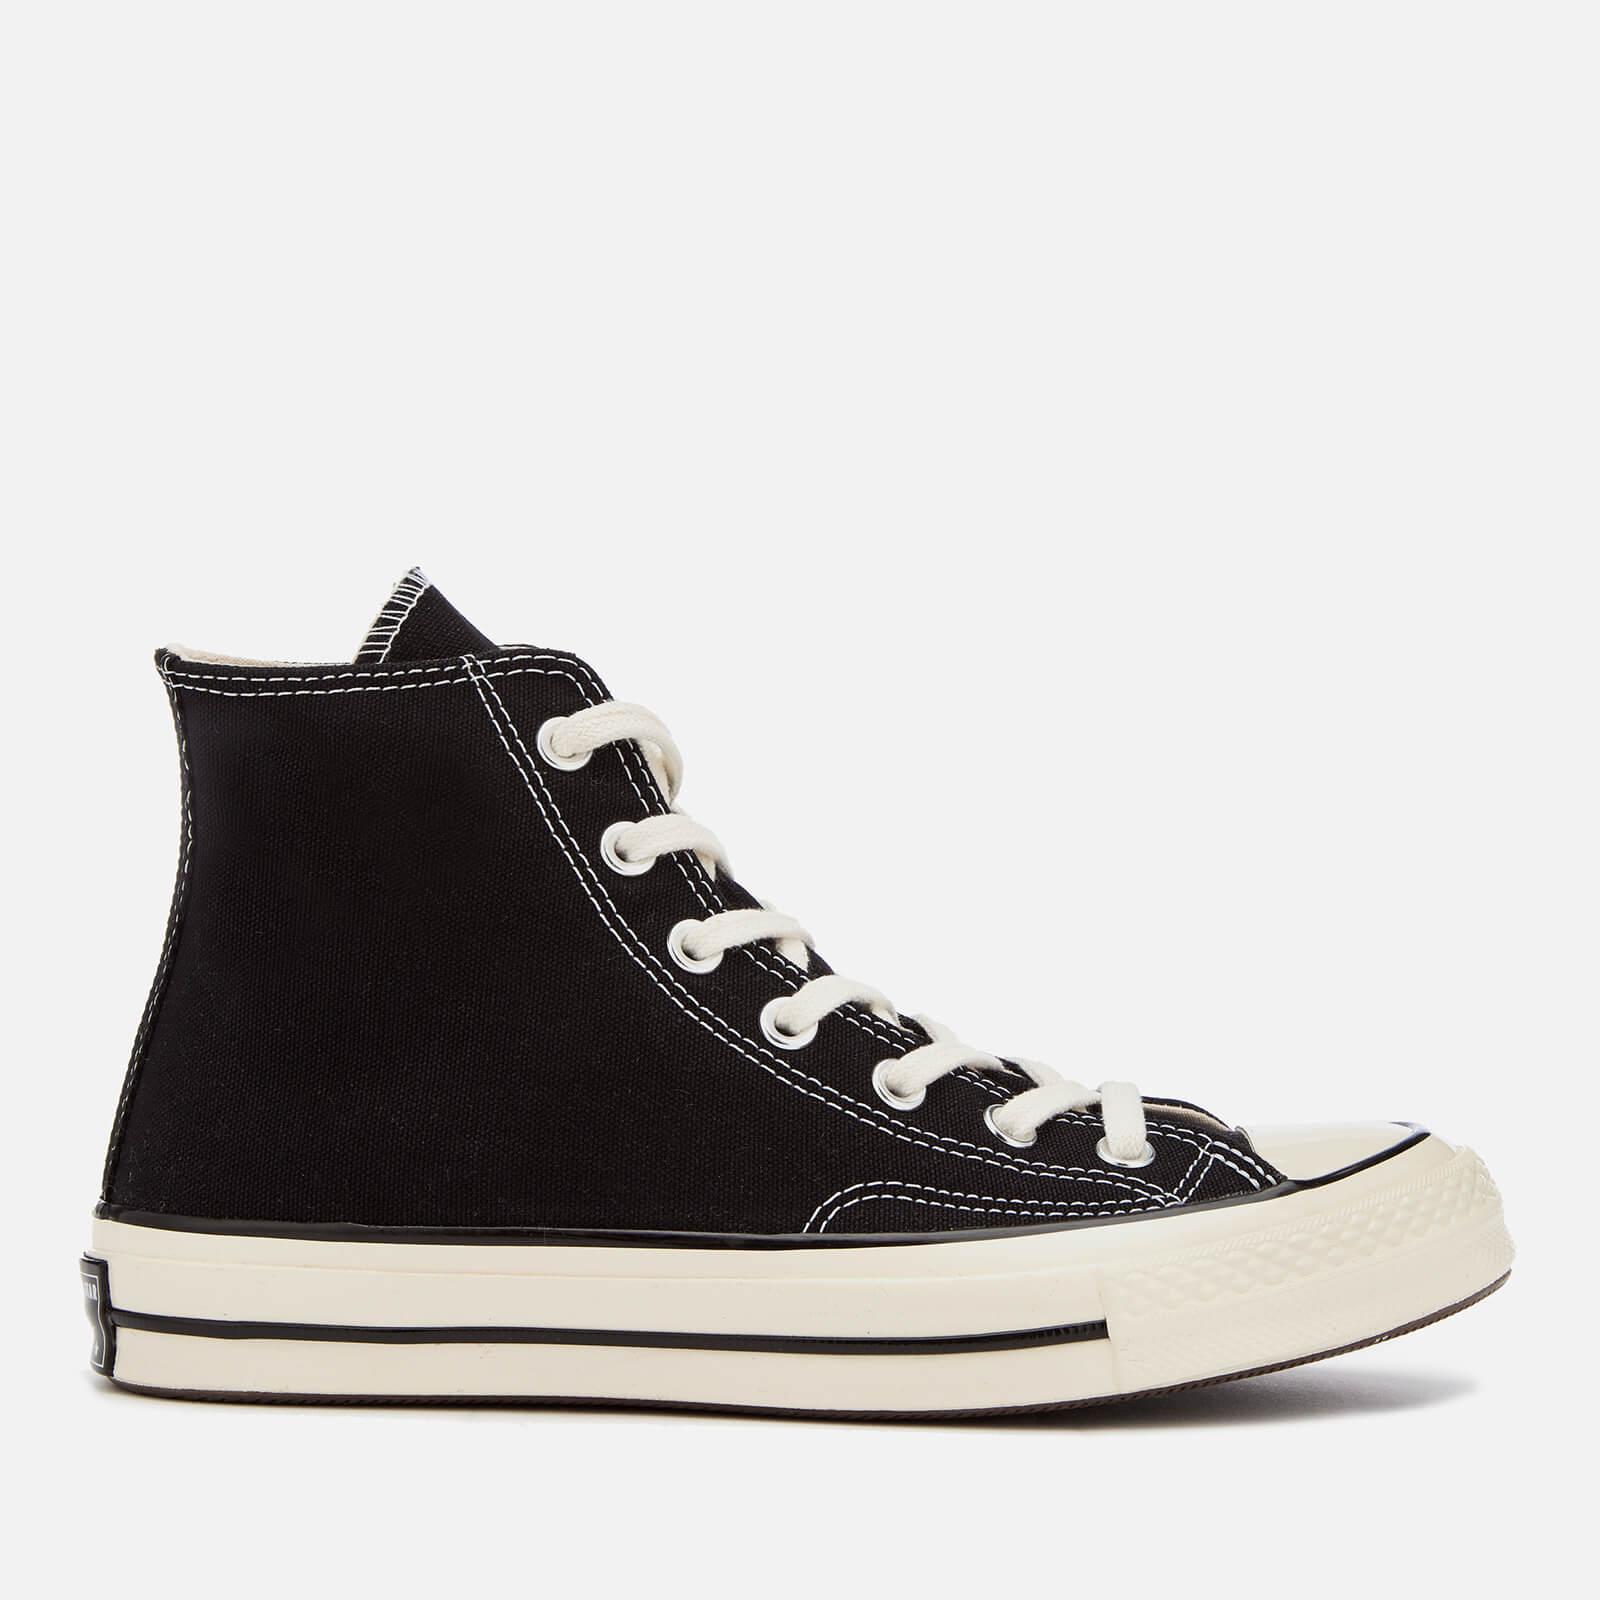 Converse 匡威 Chuck Taylor '70 黑色高帮运动鞋